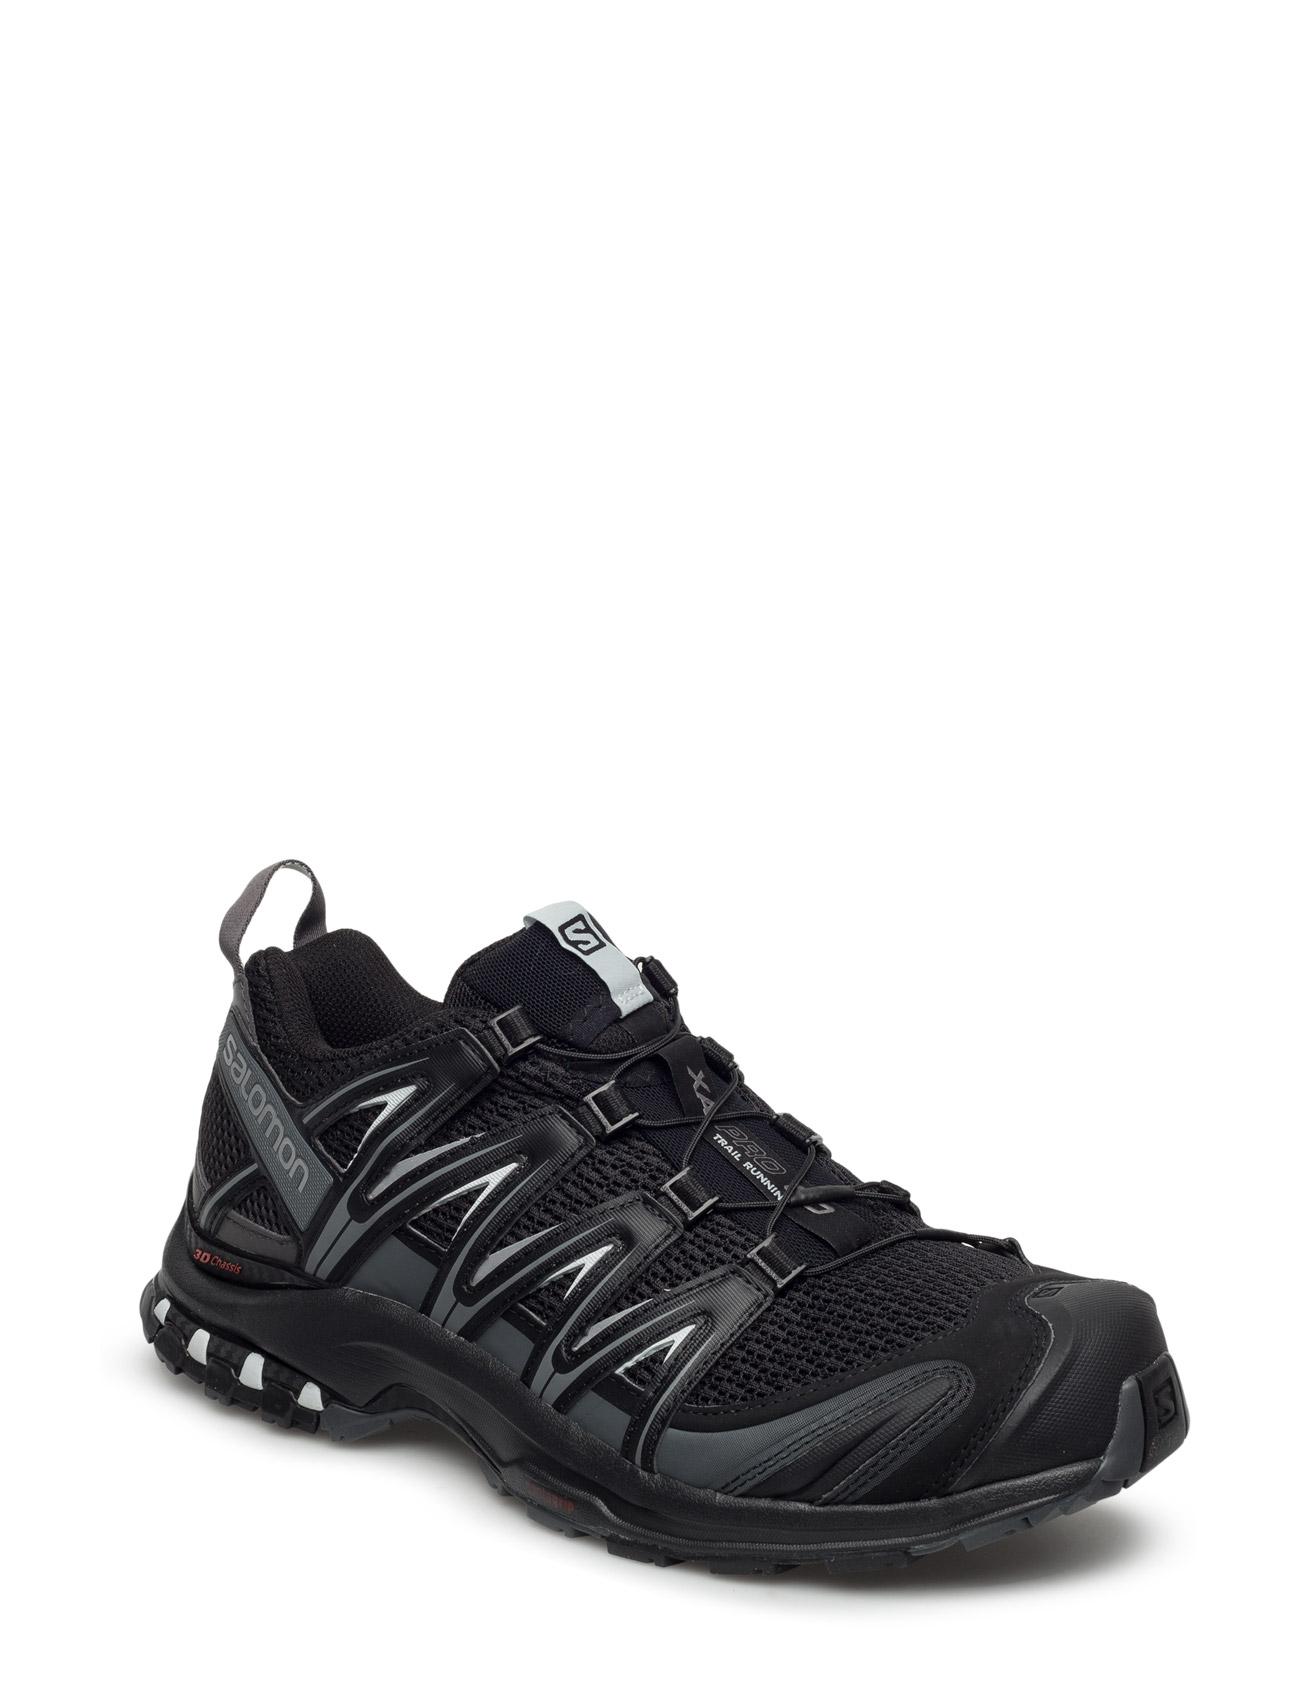 Xa Pro 3d Salomon Sports sko til Herrer i